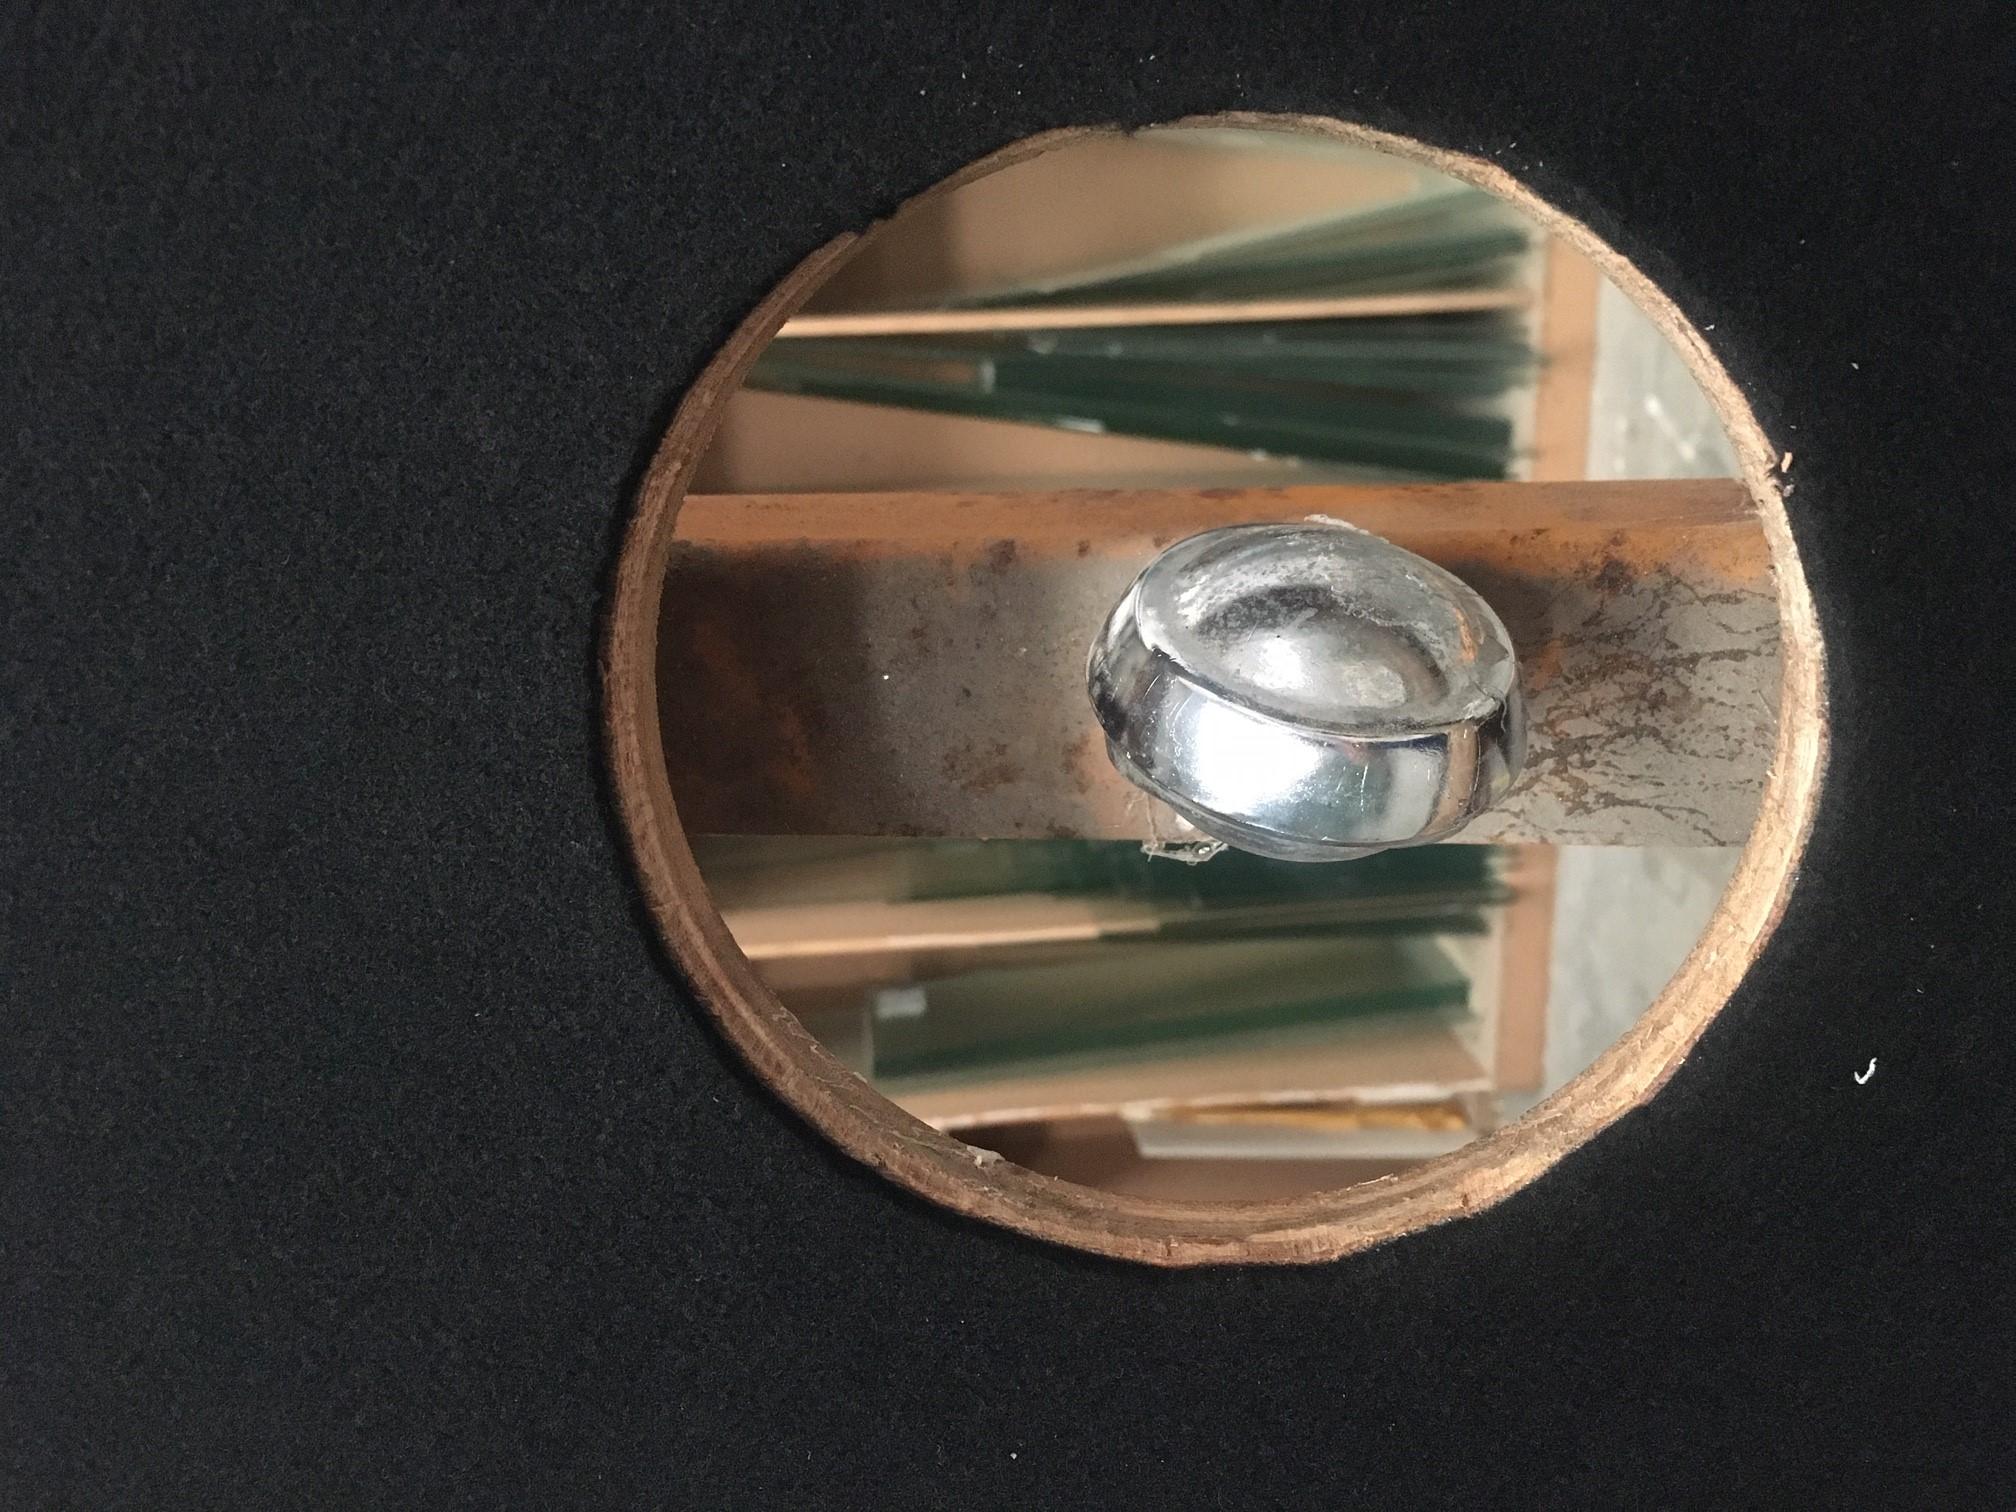 Découpe de verre sur mesure la Rochelle Table de découpe de la Miroiterie et Menuiserie d'Aunis de La Rochelle